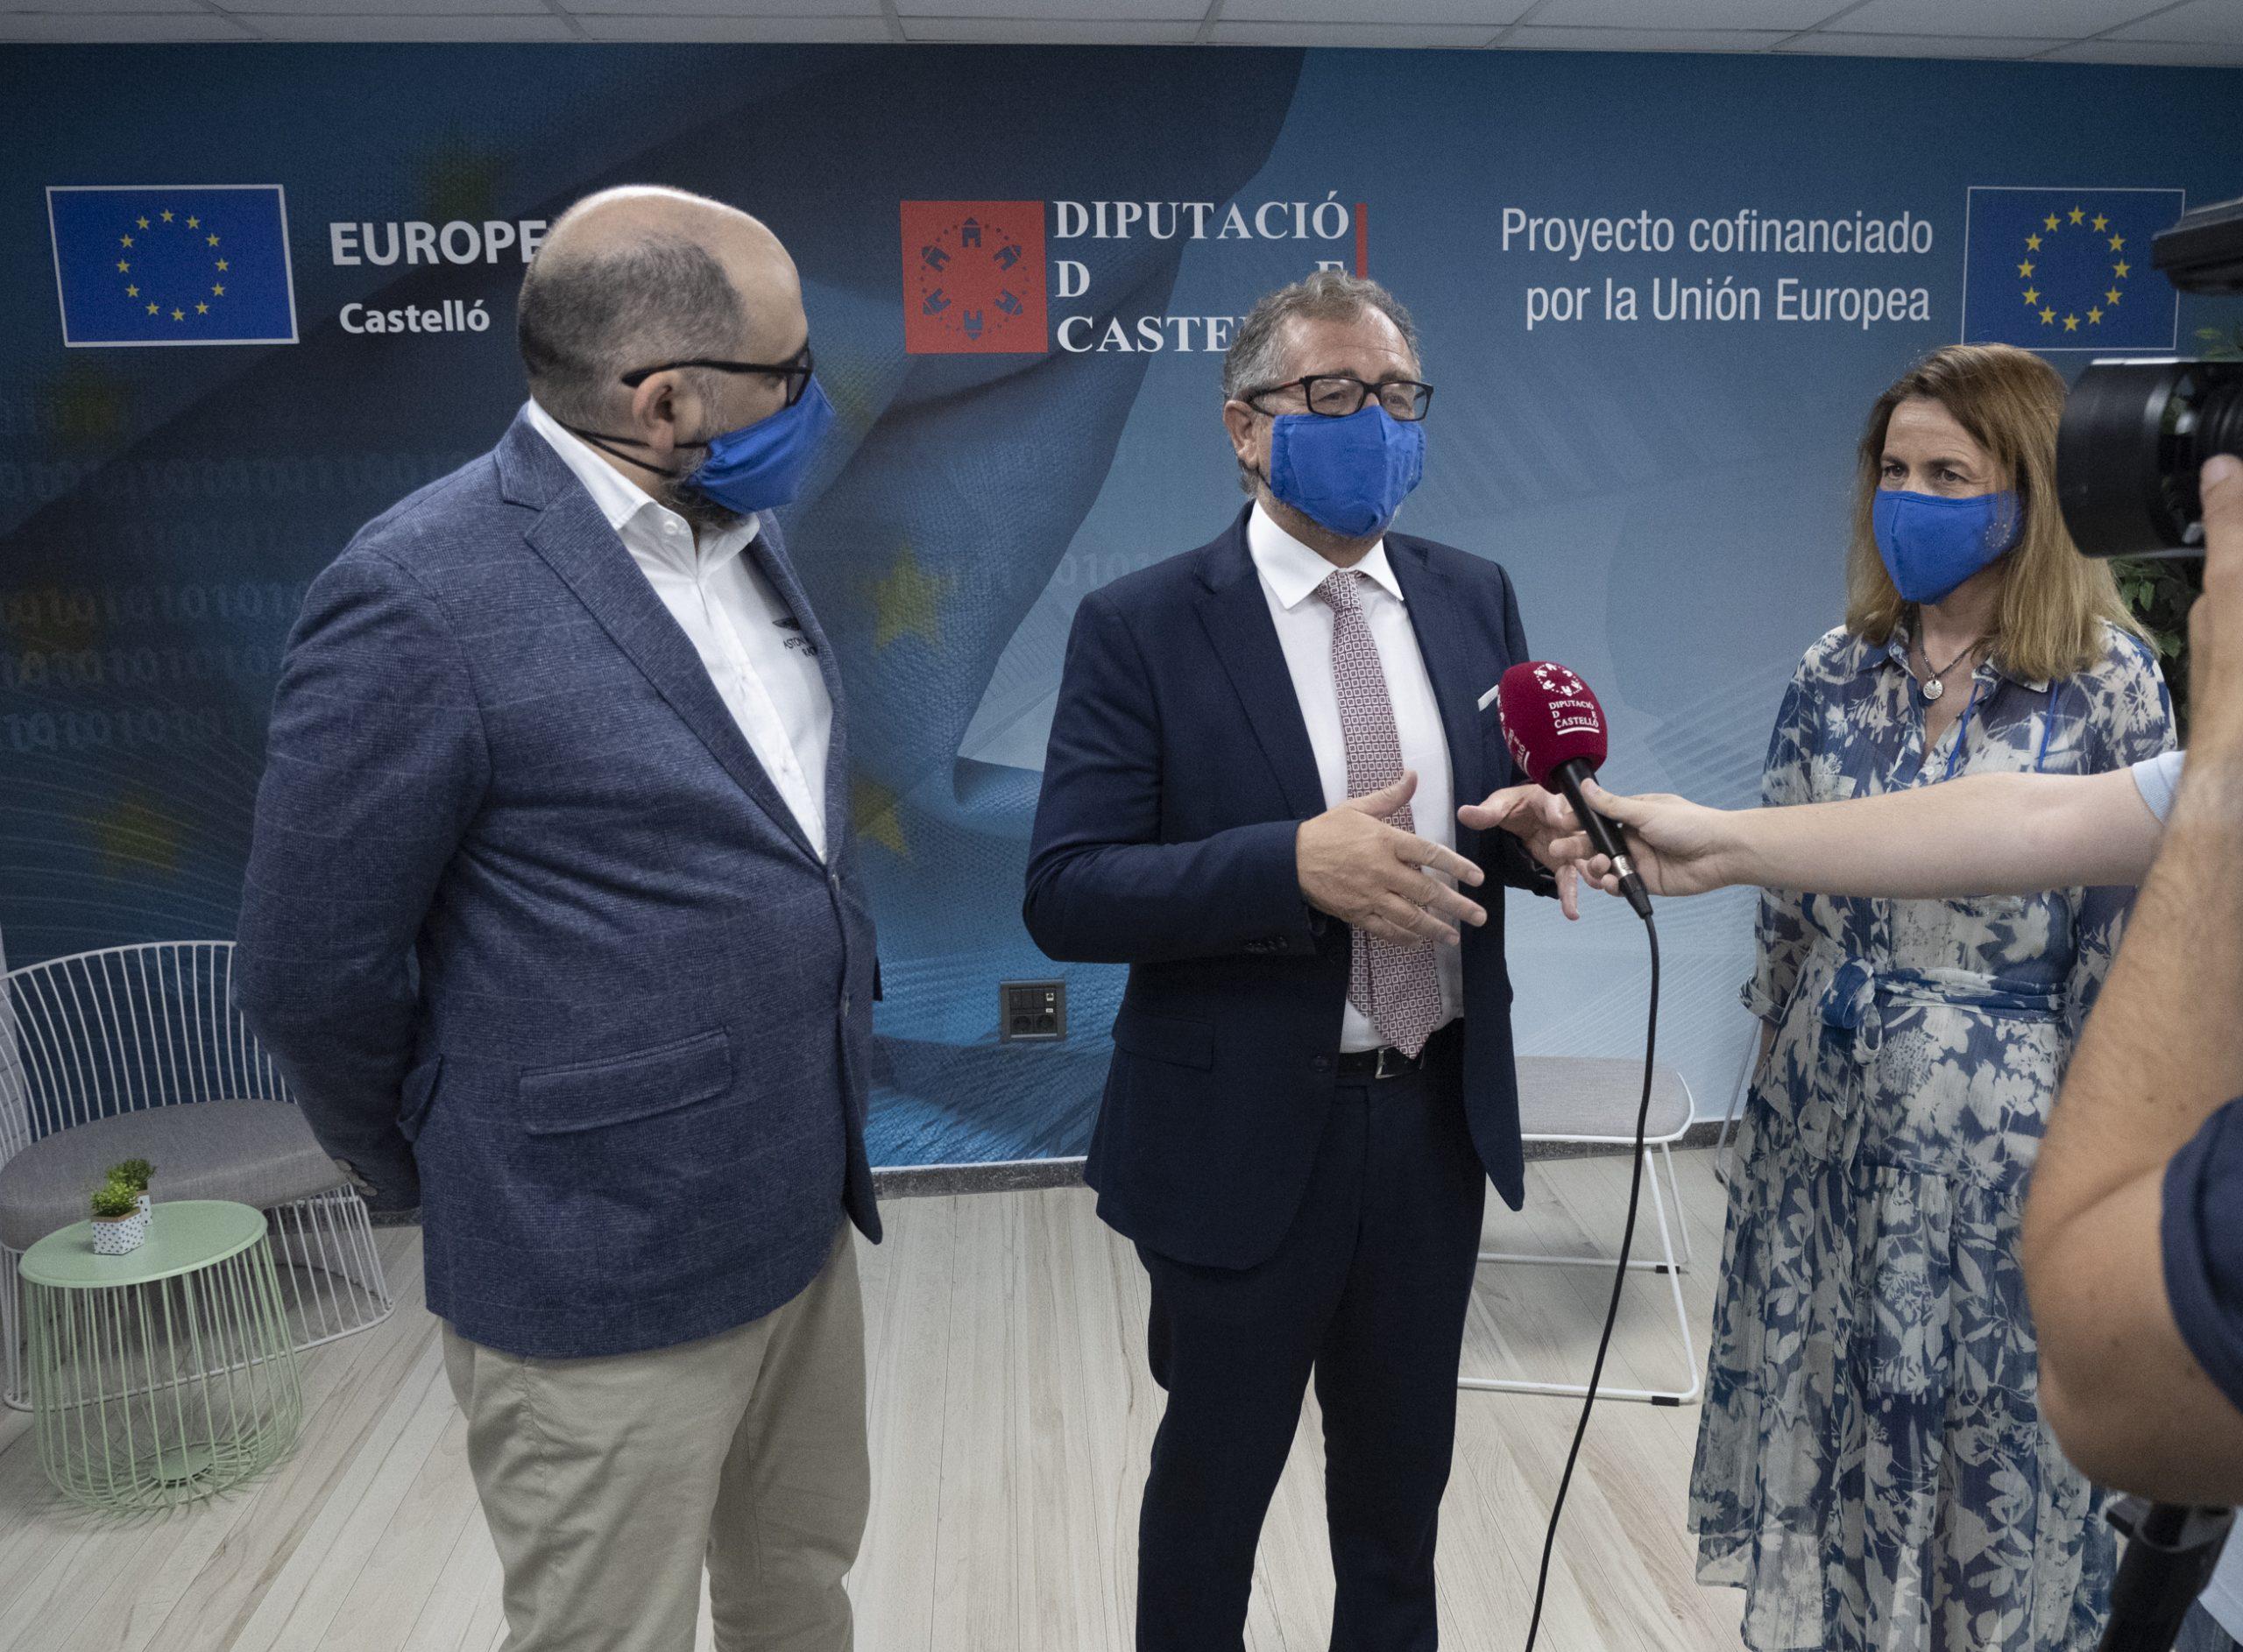 La Diputación de Castellón adjudica el contrato para la captación de proyectos que permitan acceder a fondos europeos y reactivar la provincia de Castellón